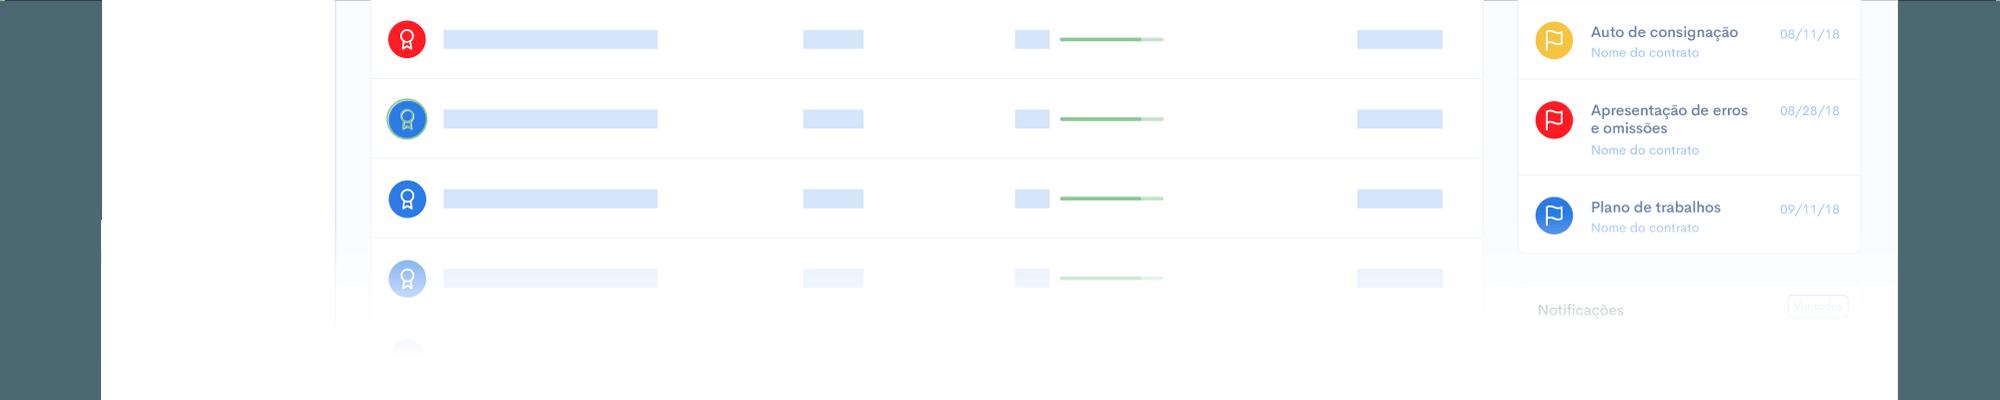 Datalink Screen